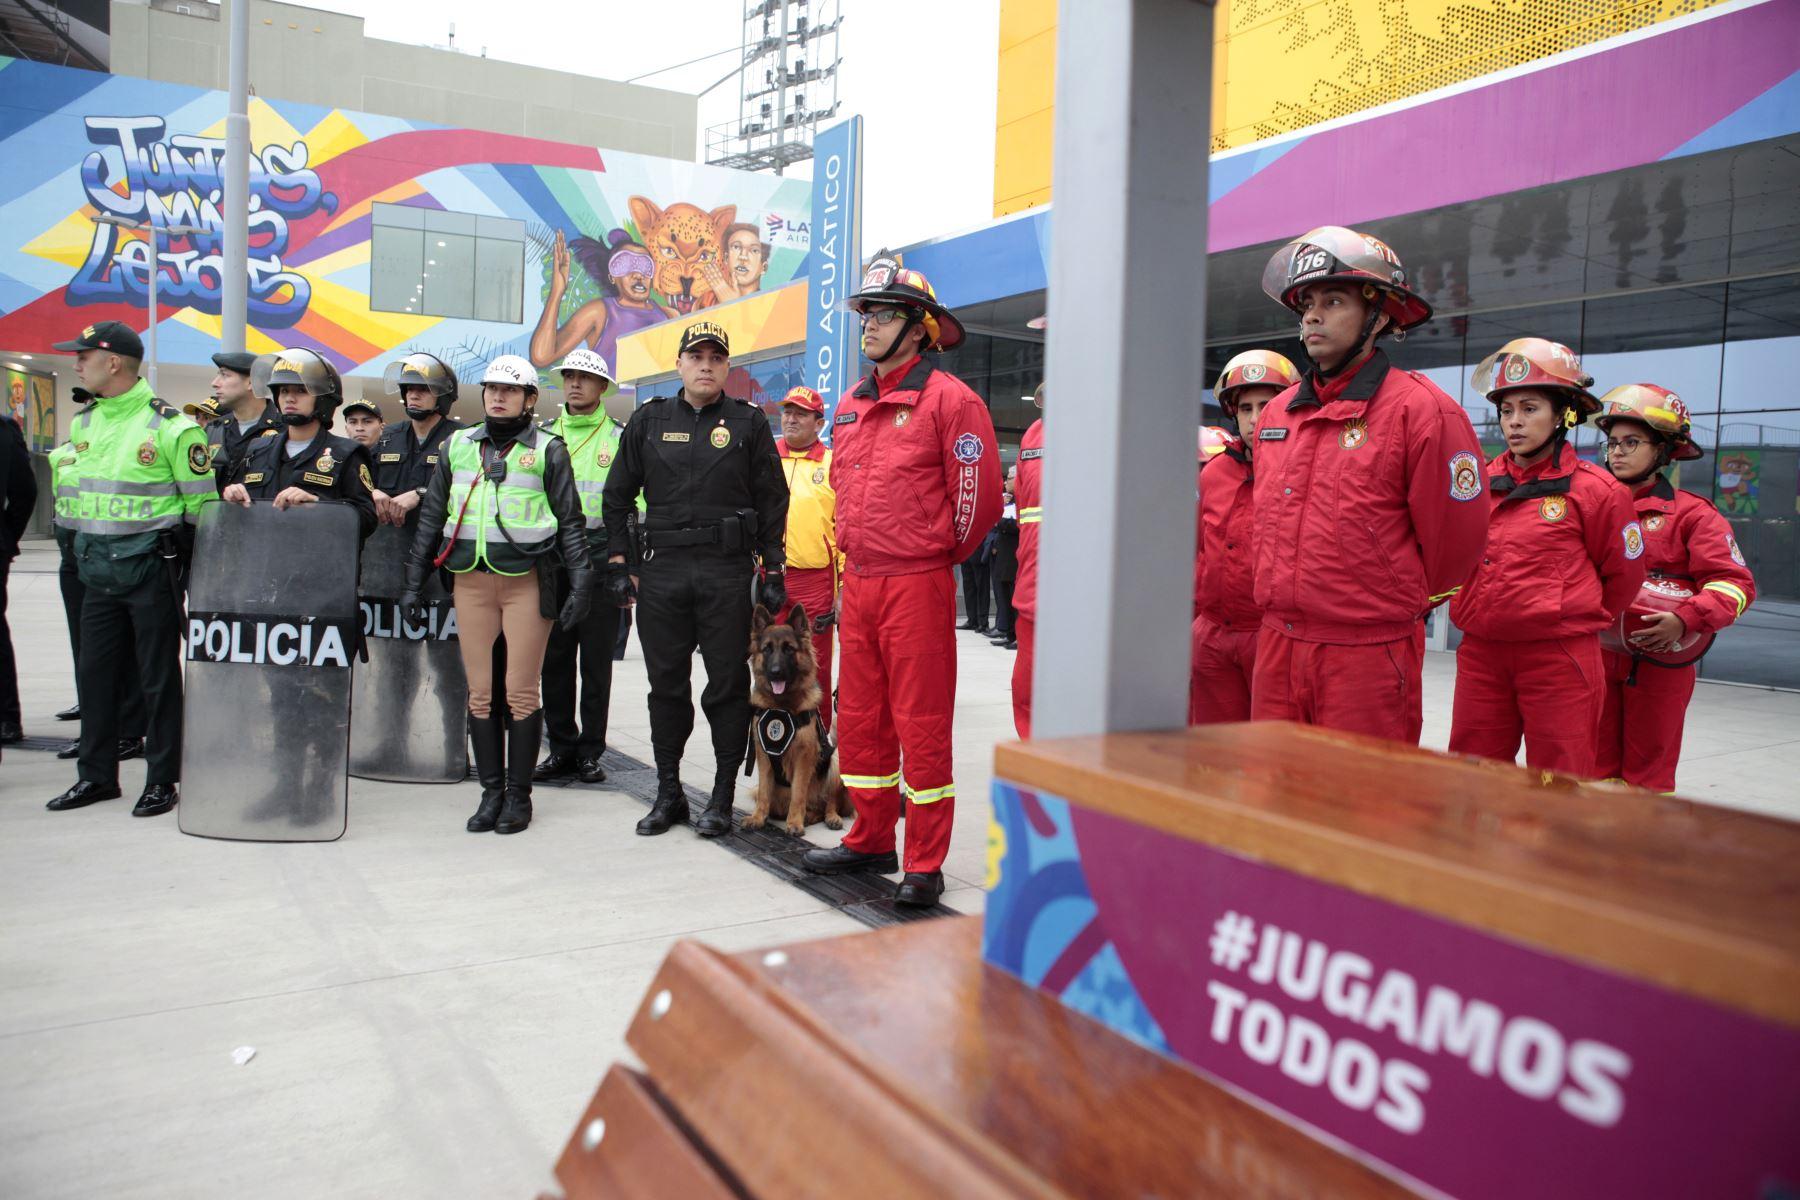 Lima 2019 presenta Plan de Seguridad Intersectorial que integra a las Fuerzas Armadas, la Policía Nacional, el Instituto de Defensa Civil y el Cuerpo General de Bomberos. Foto: ANDINA/ Miguel Mejía Castro